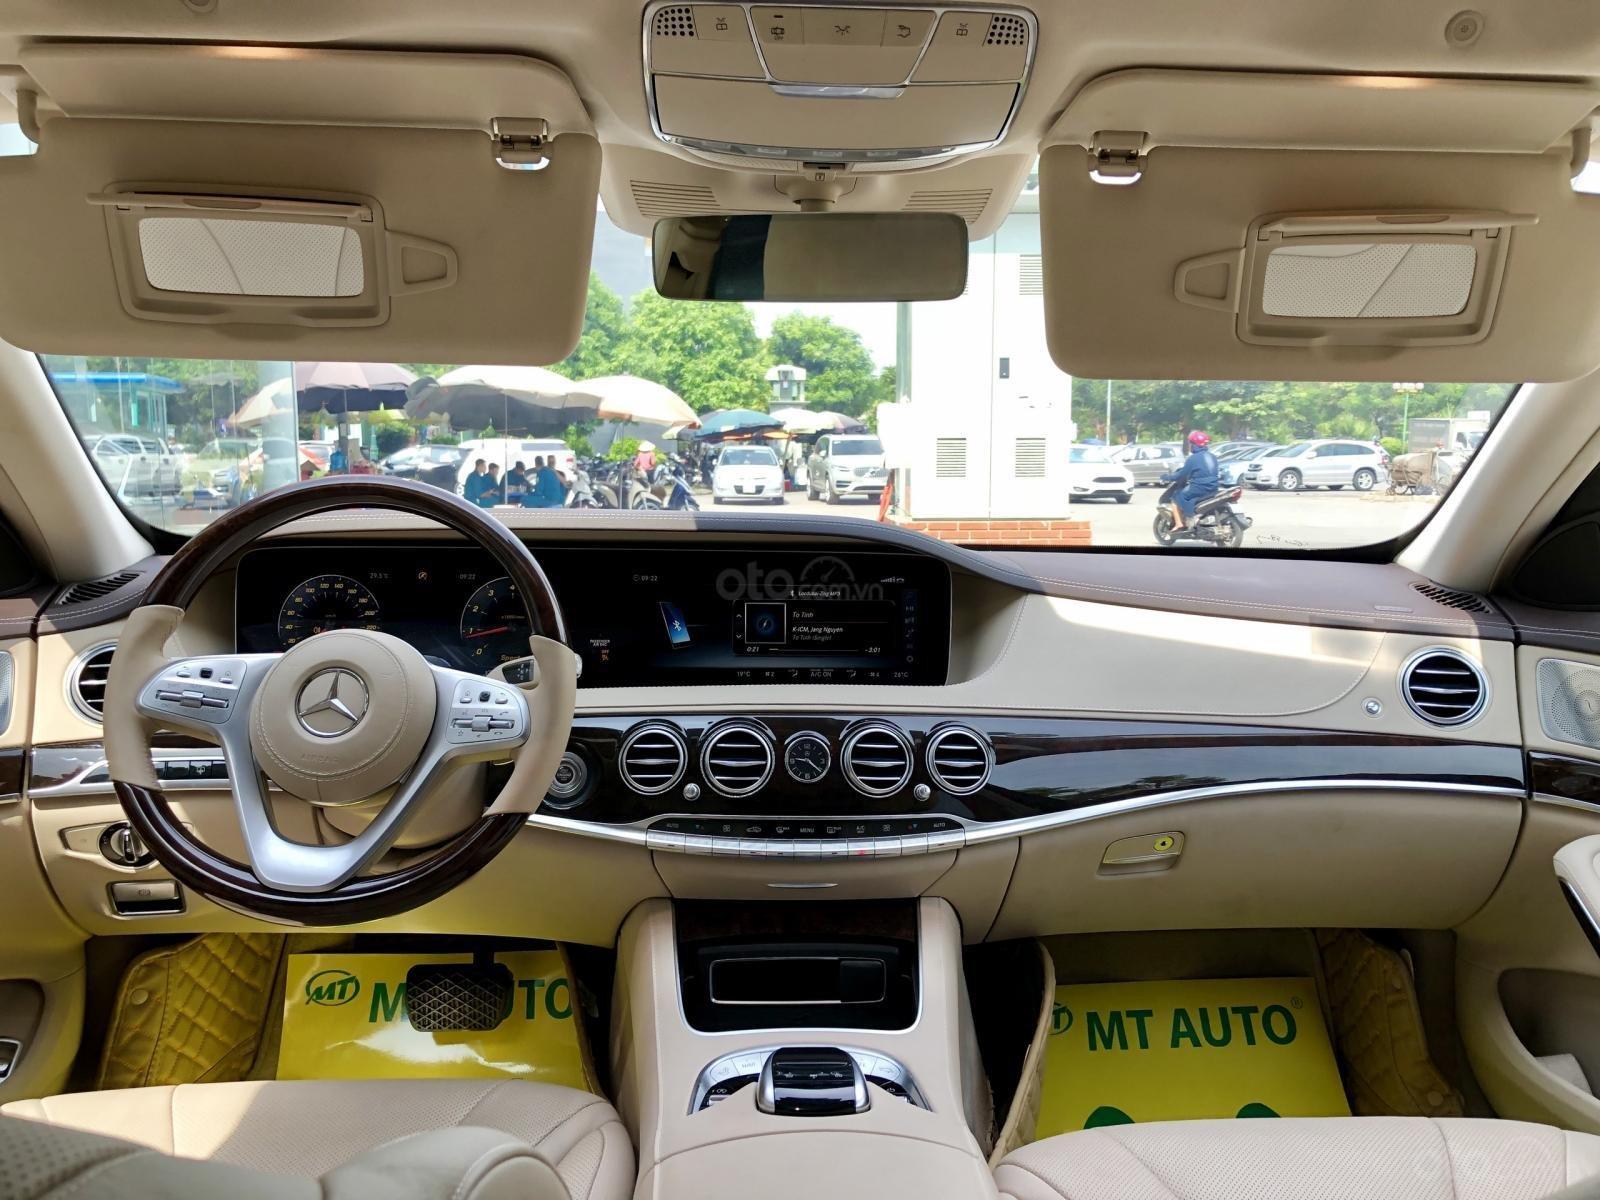 Bán xe Mercedes S450L đk lần đầu T3/ 2019, màu trắng, siêu lướt 5000km - LH: 0982.84.2838 (10)